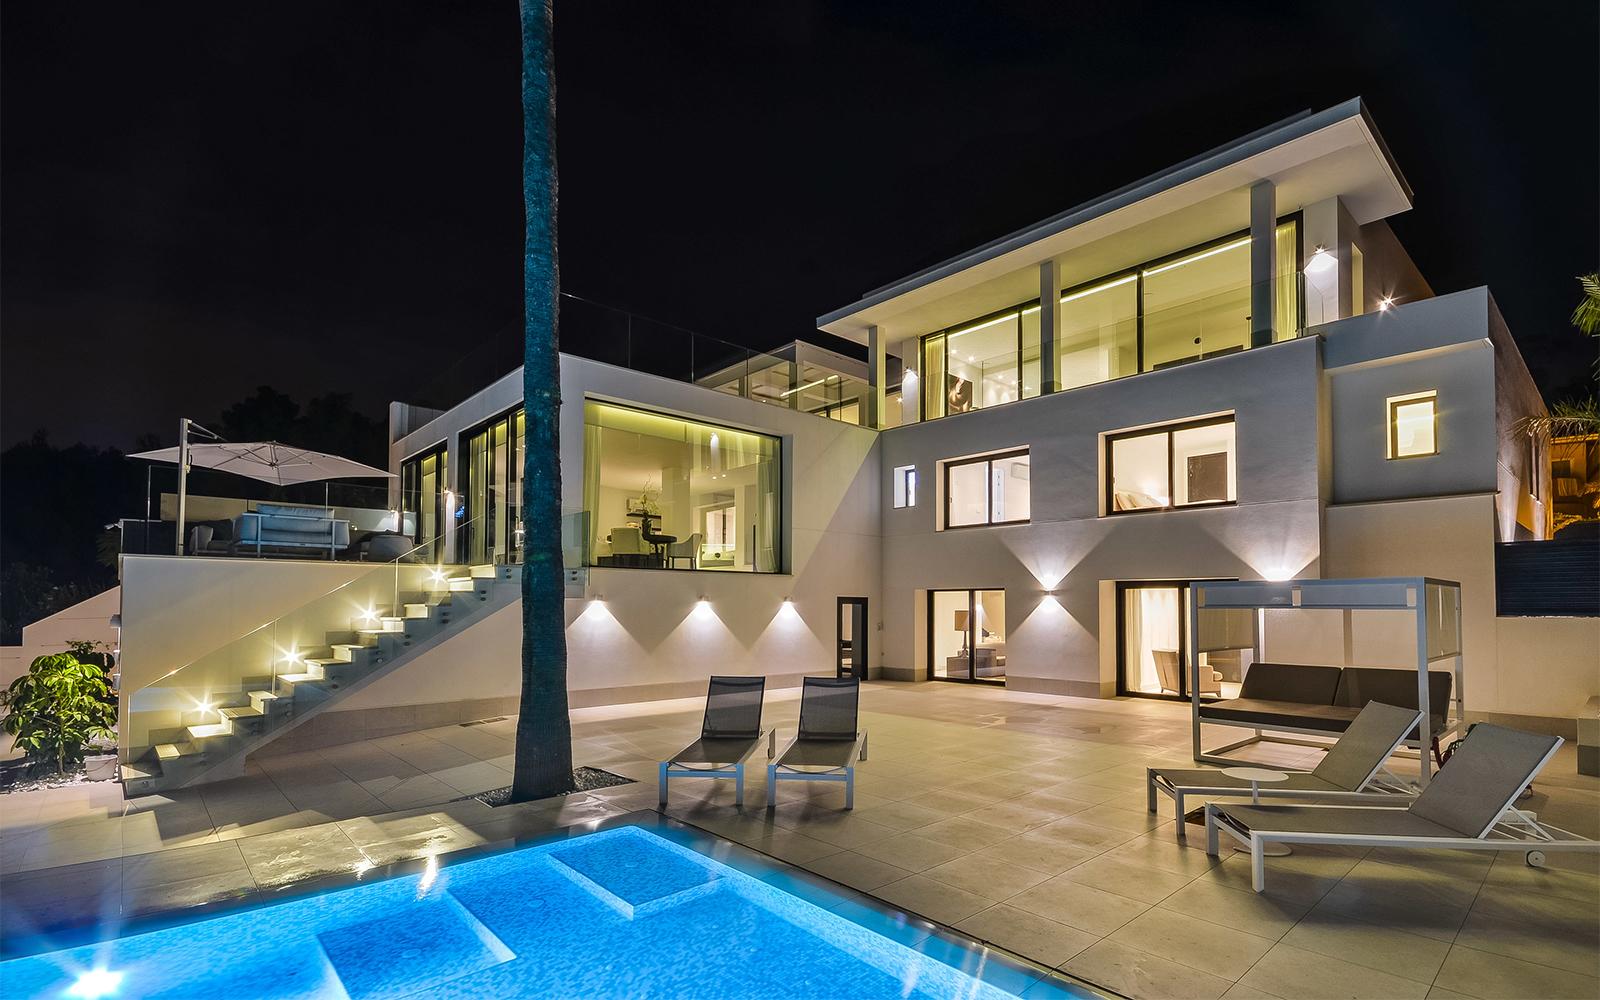 Maretti Lighting, Spaanse villa, Lichtplan, licht, villa, luxe, Verlichtingsplan